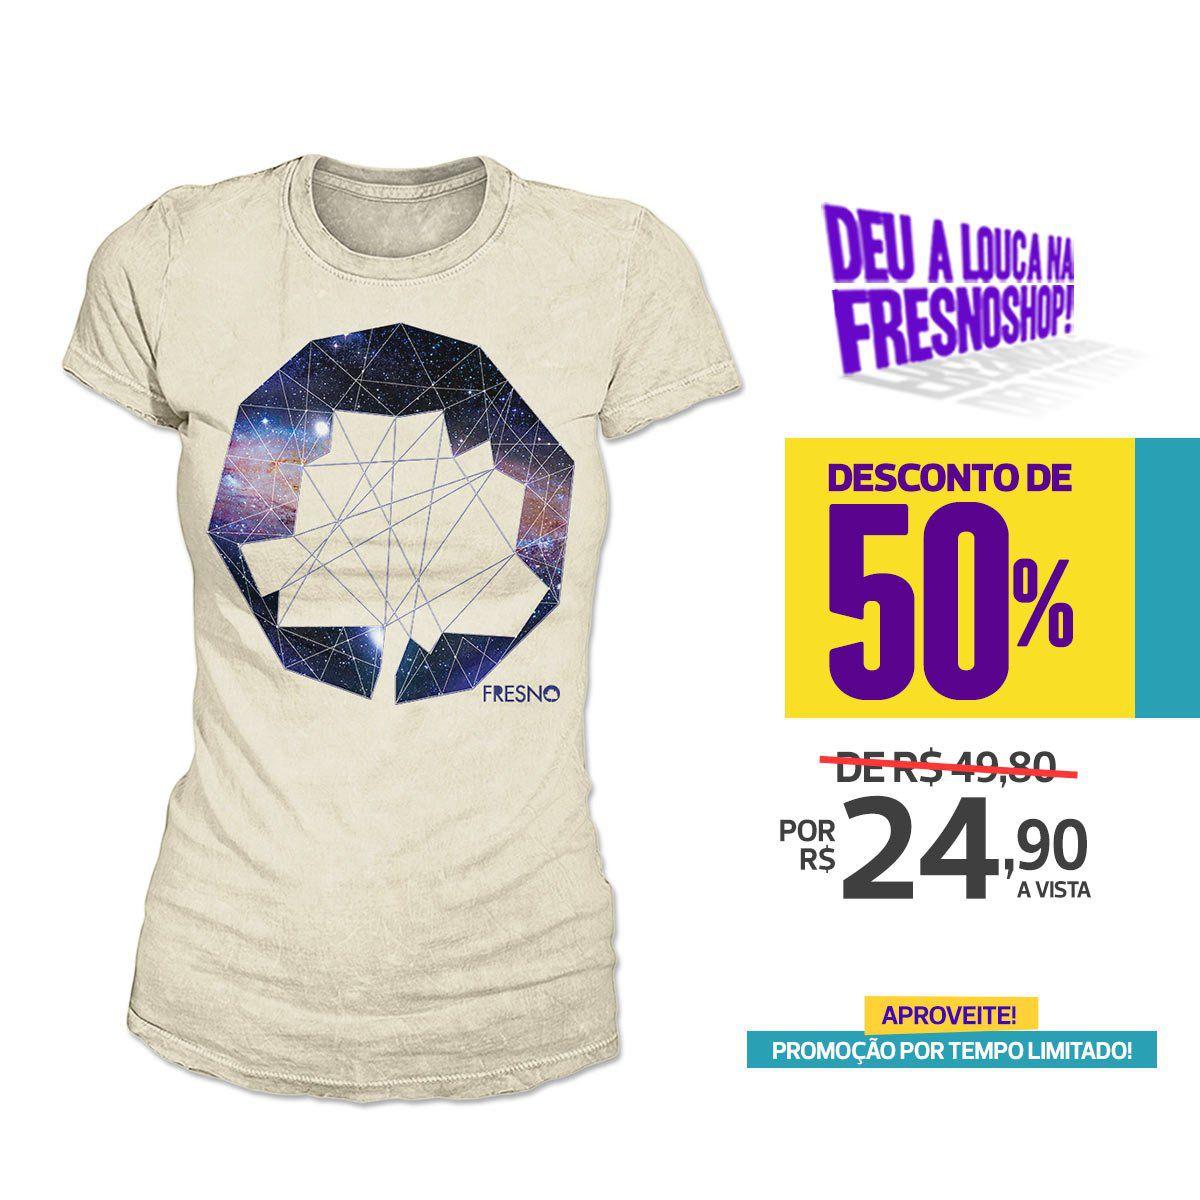 SUPER PROMOÇÃO Fresno - Camiseta Feminina Logo Galáxias BISCUITE